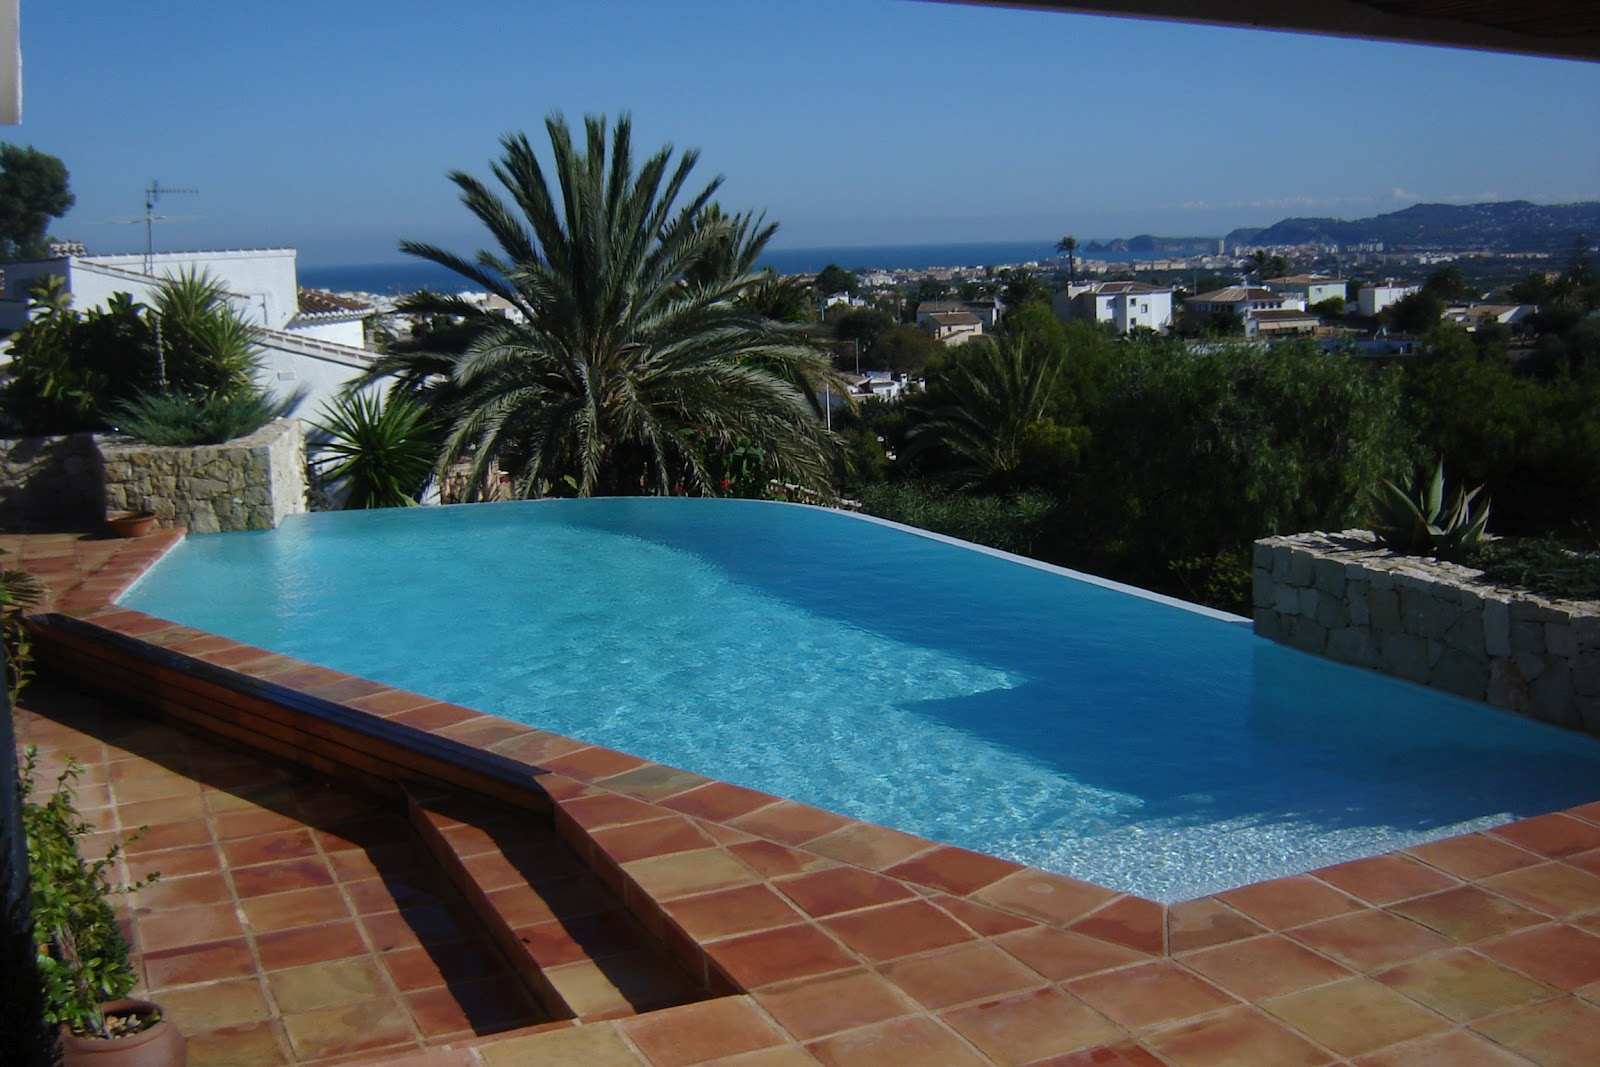 Suelos piscinas exteriores dise os arquitect nicos for Piscinas exteriores